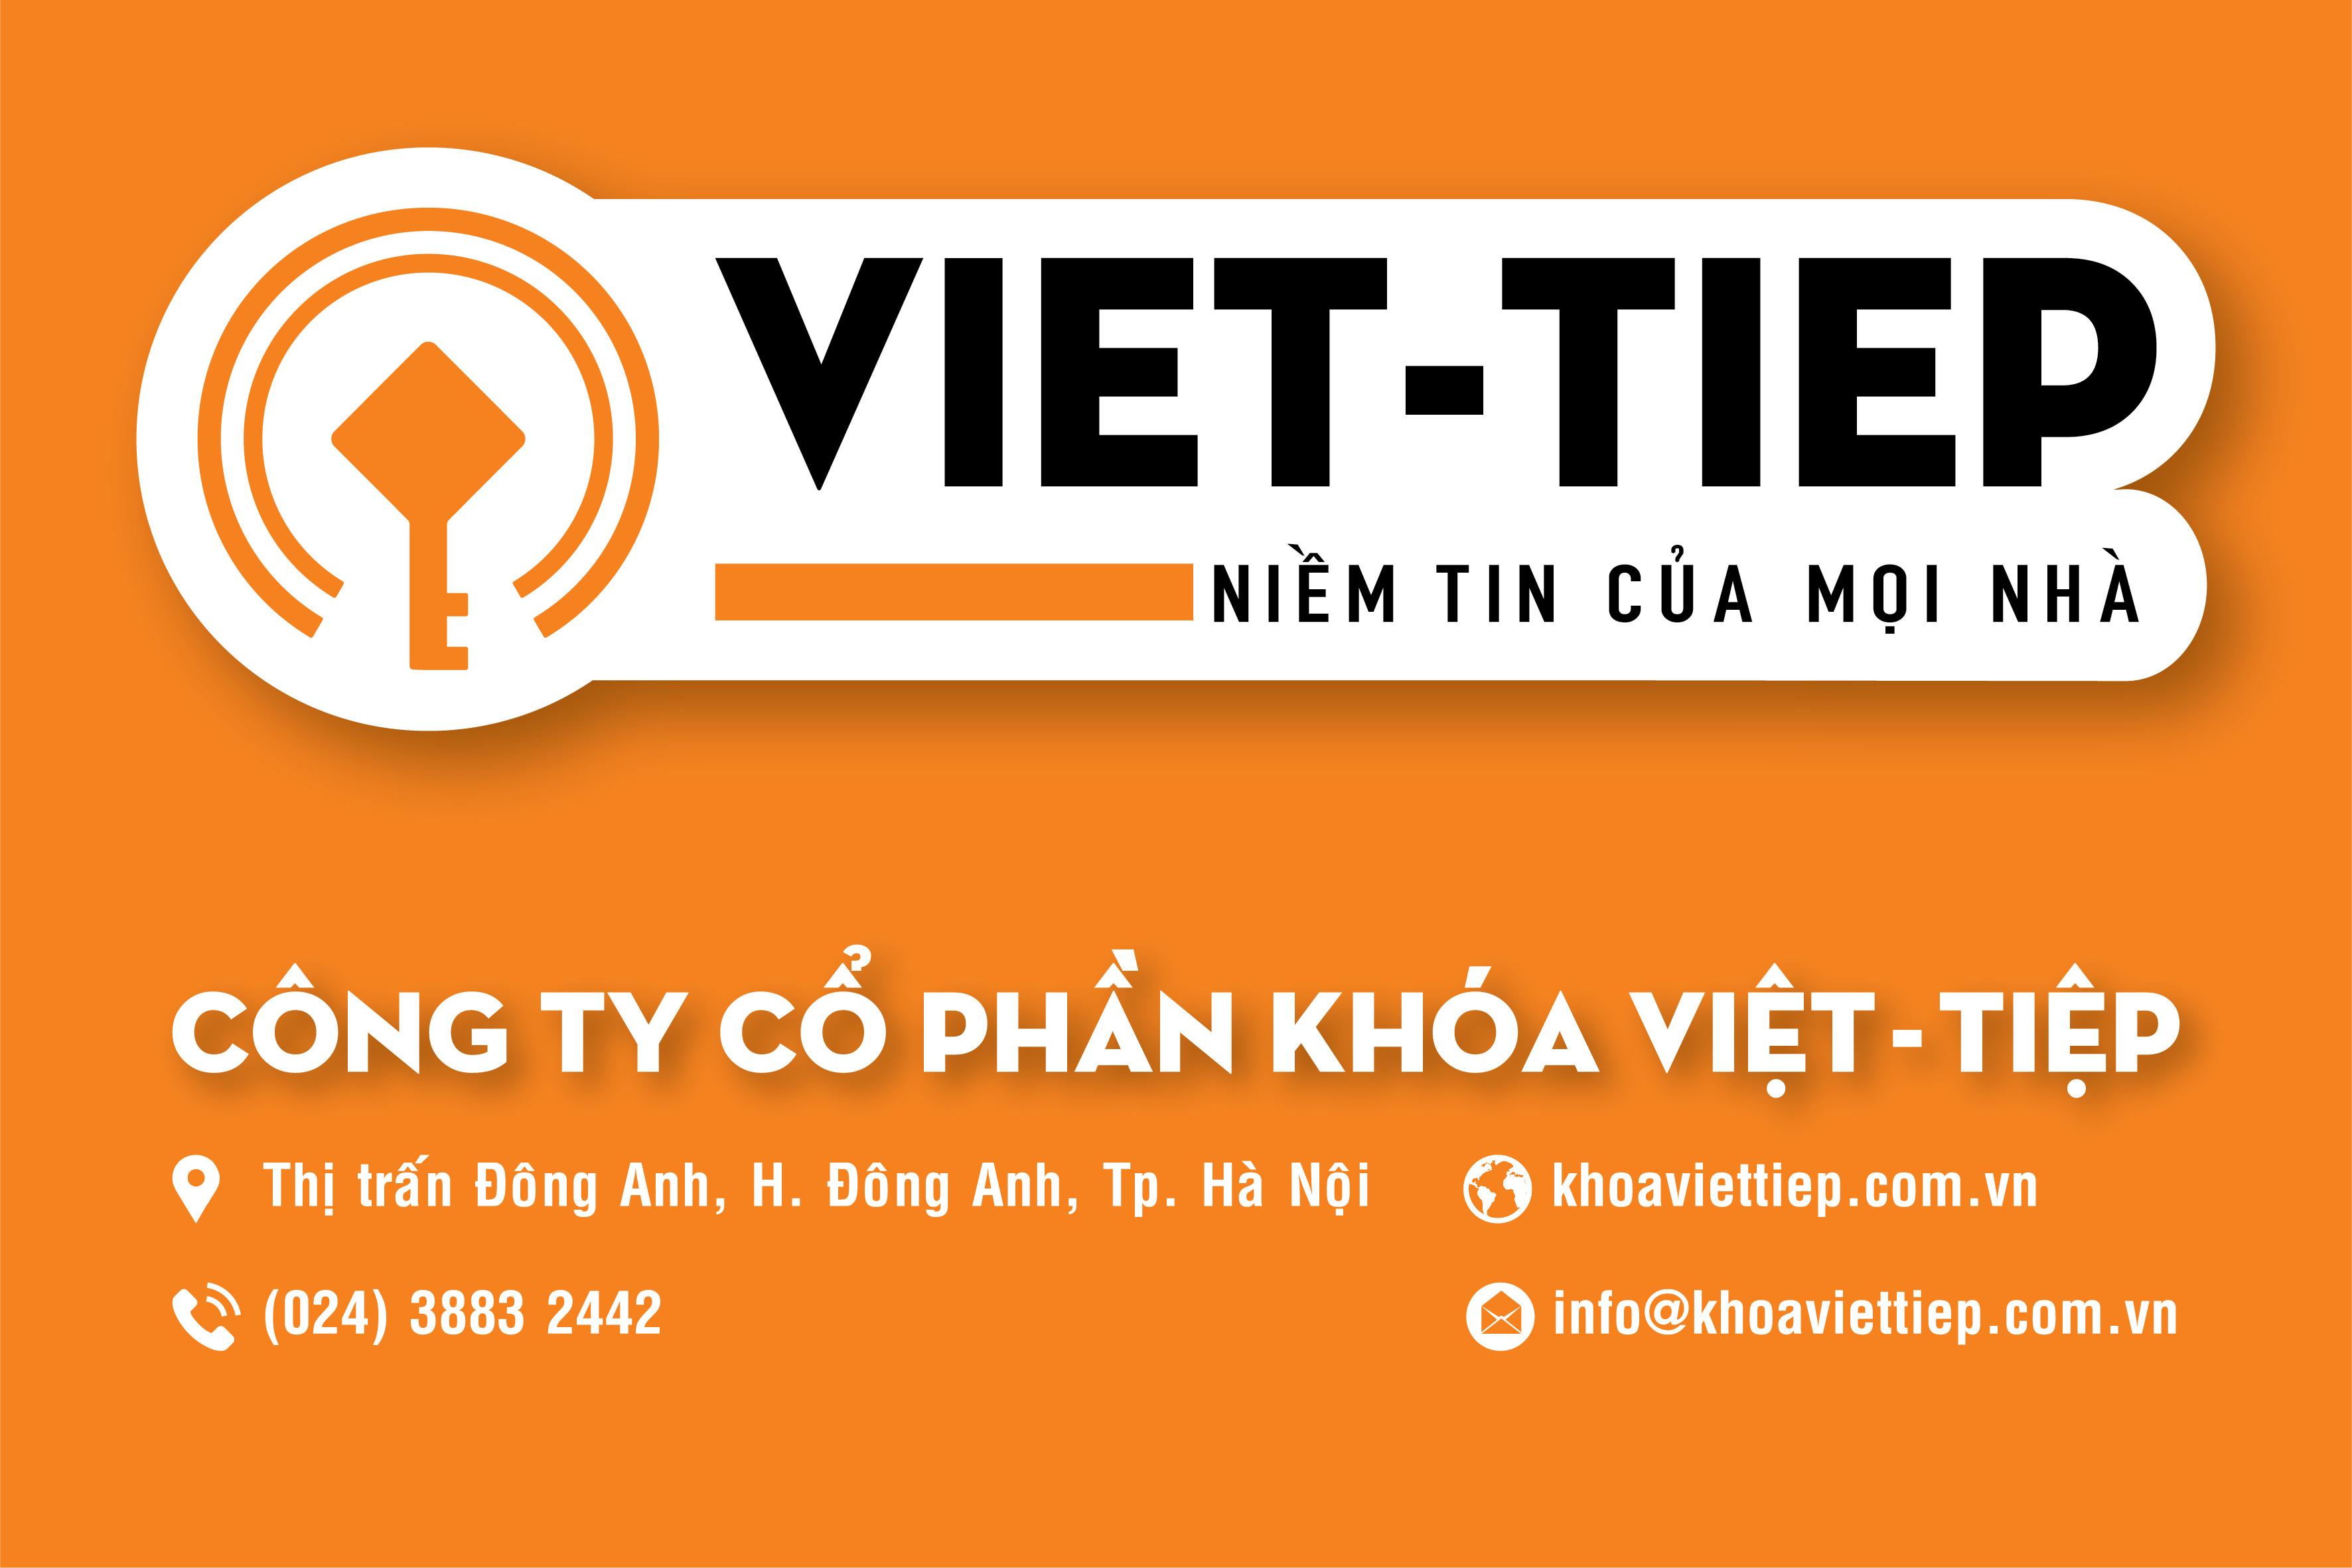 cty-khoa-viet-tiep-hang-viet-2020